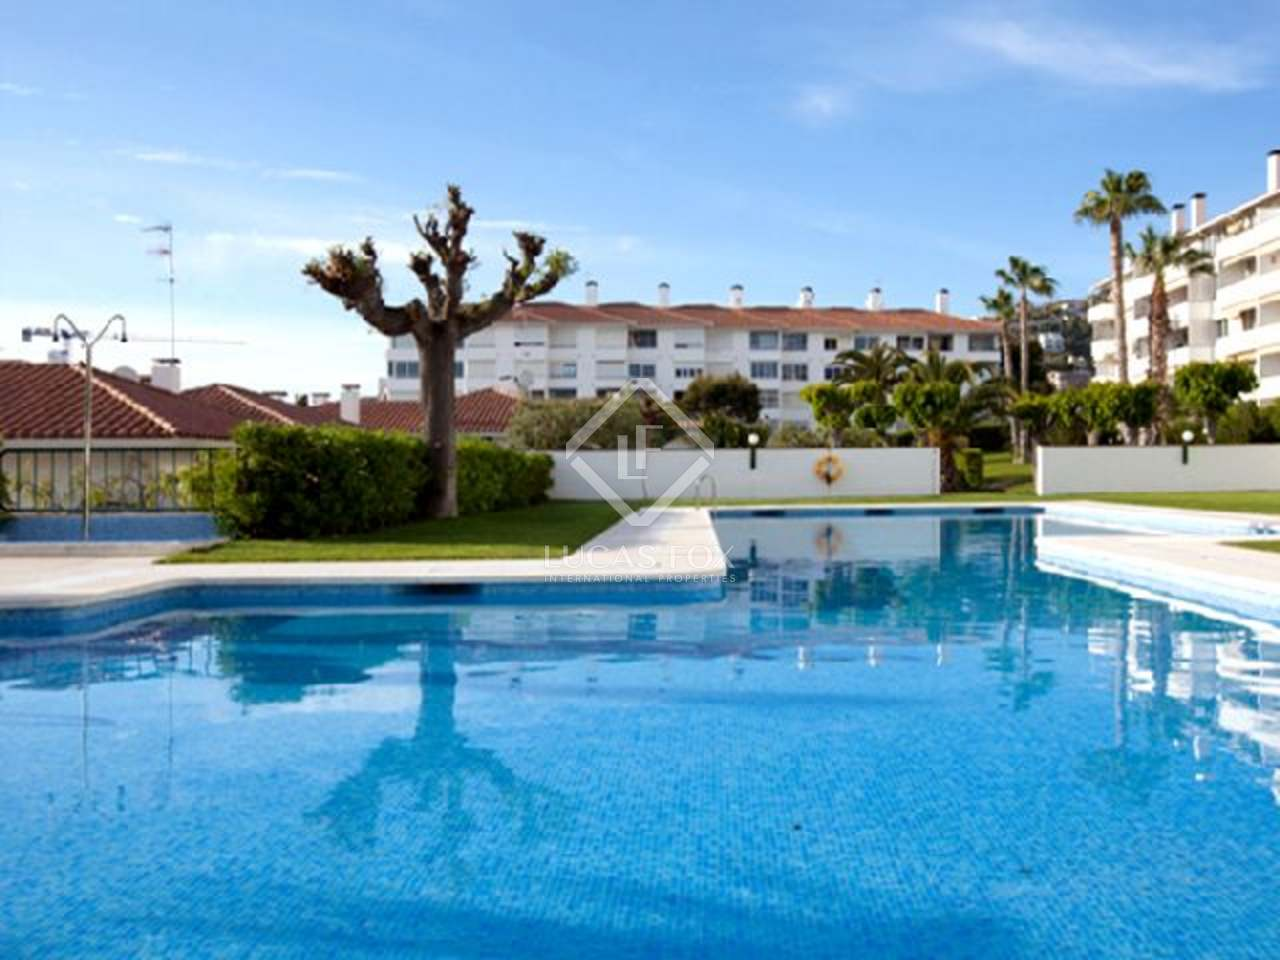 D plex de 4 dormitorios con piscina en venta en sitges for Piscina sitges